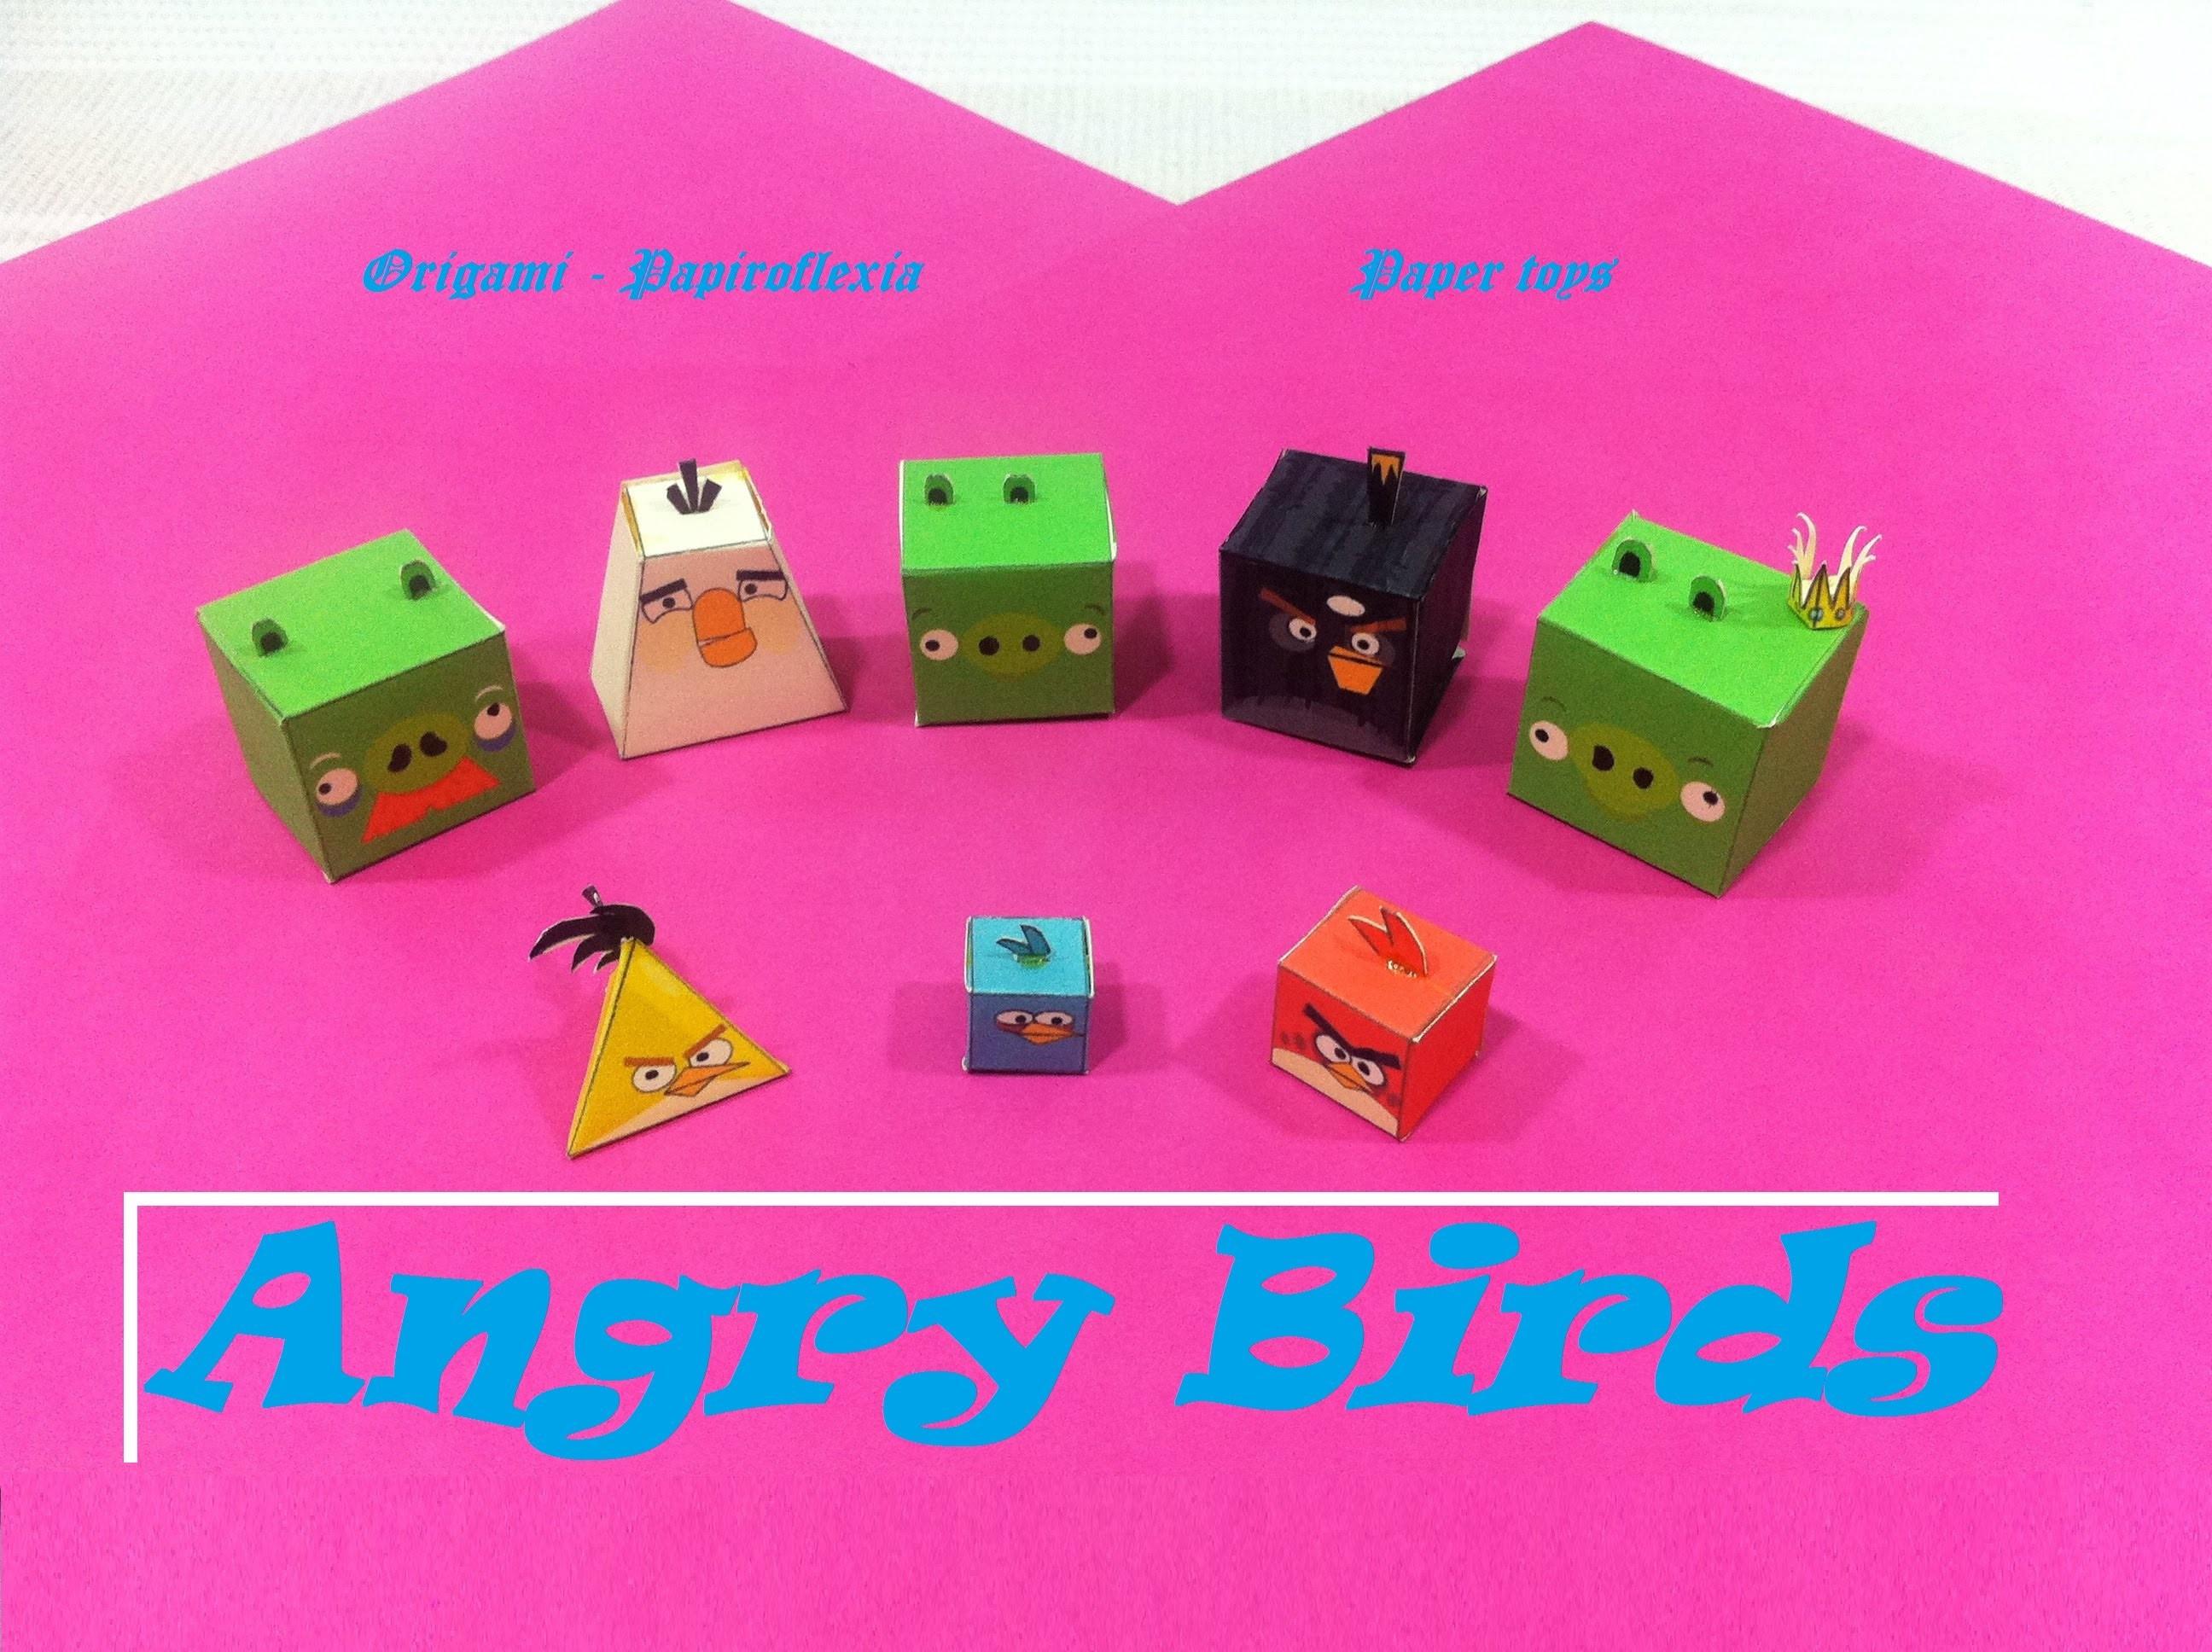 Paper Toys. Origami - Papiroflexia. Angry Birds, La colección.